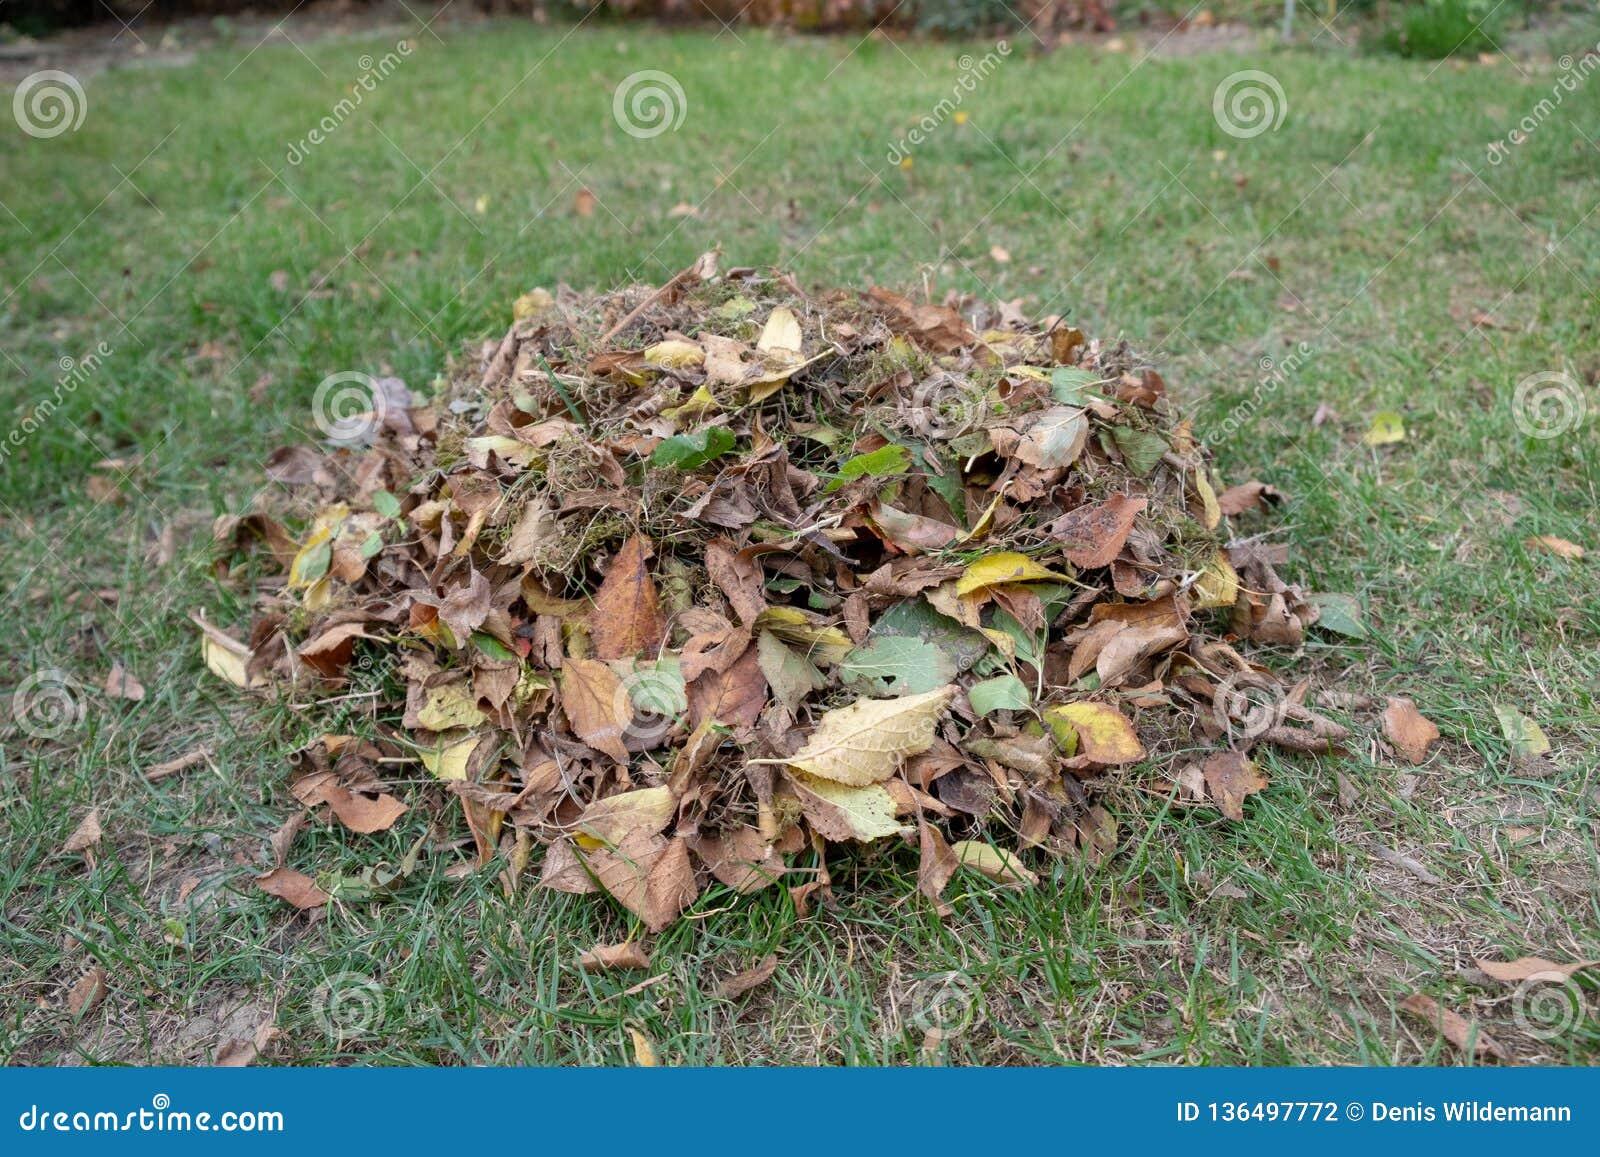 Ένας σωρός των φύλλων σκούπισε μαζί με μια τσουγκράνα σε ένα λιβάδι στον κήπο τα φύλλα πηγαίνουν σε έναν κάδο